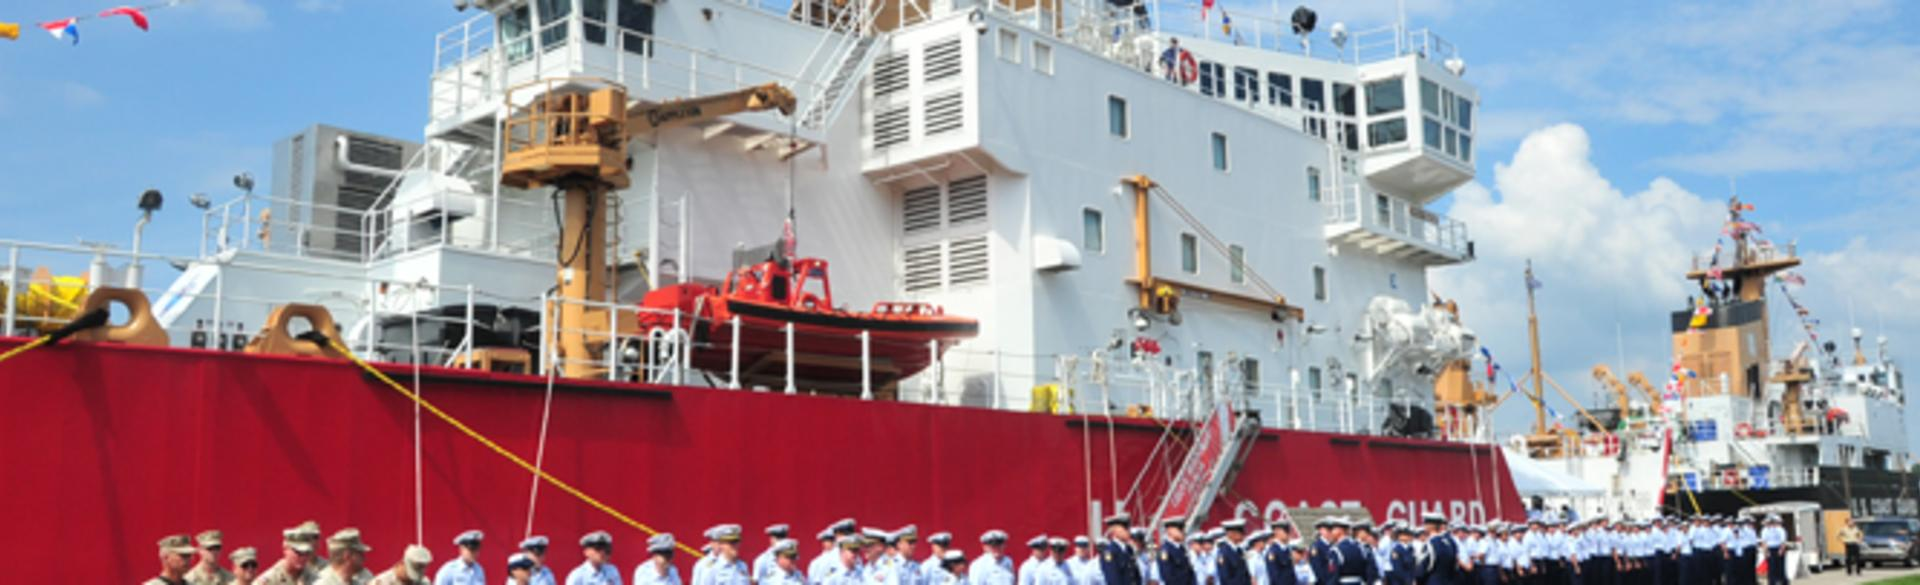 Coast Guard Festival